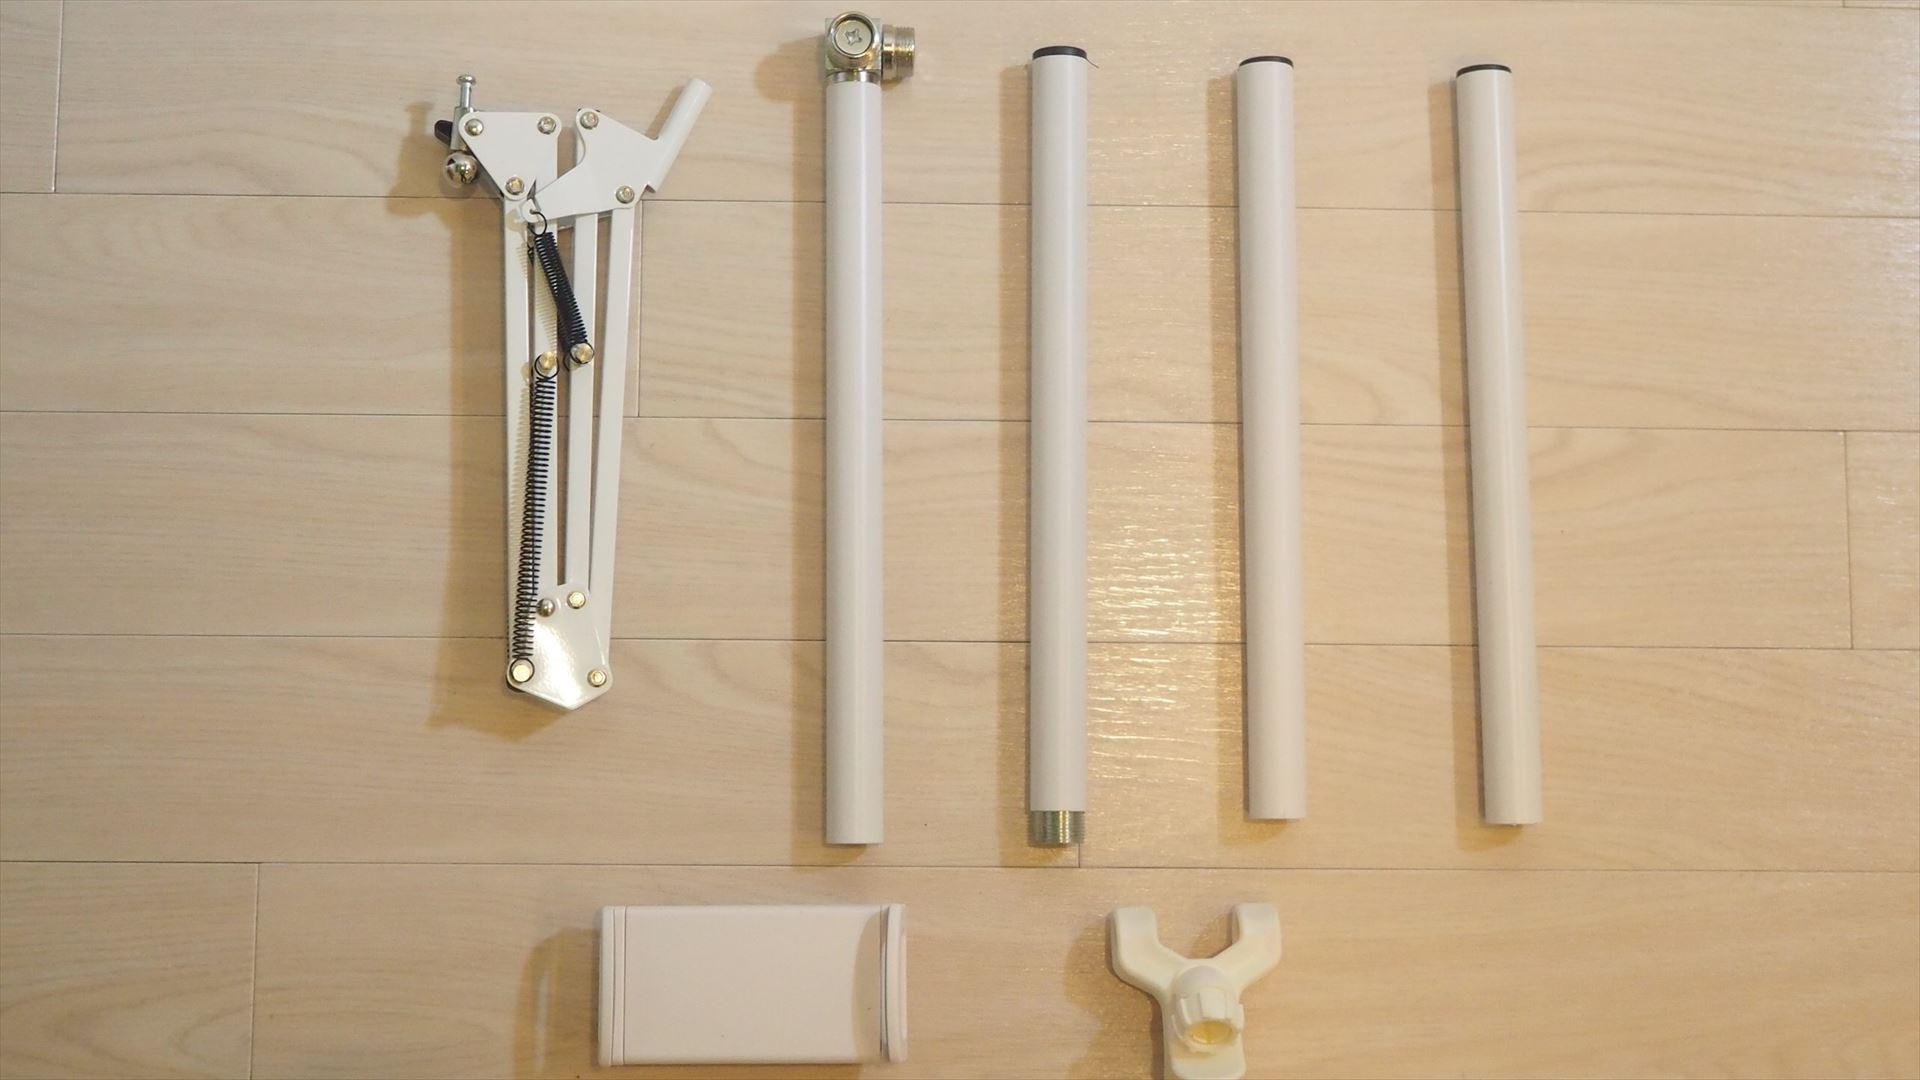 サンコーの「スマホ・タブレット用超強力アームスタンド」のパーツ。工具不要で簡単に組み立てられる